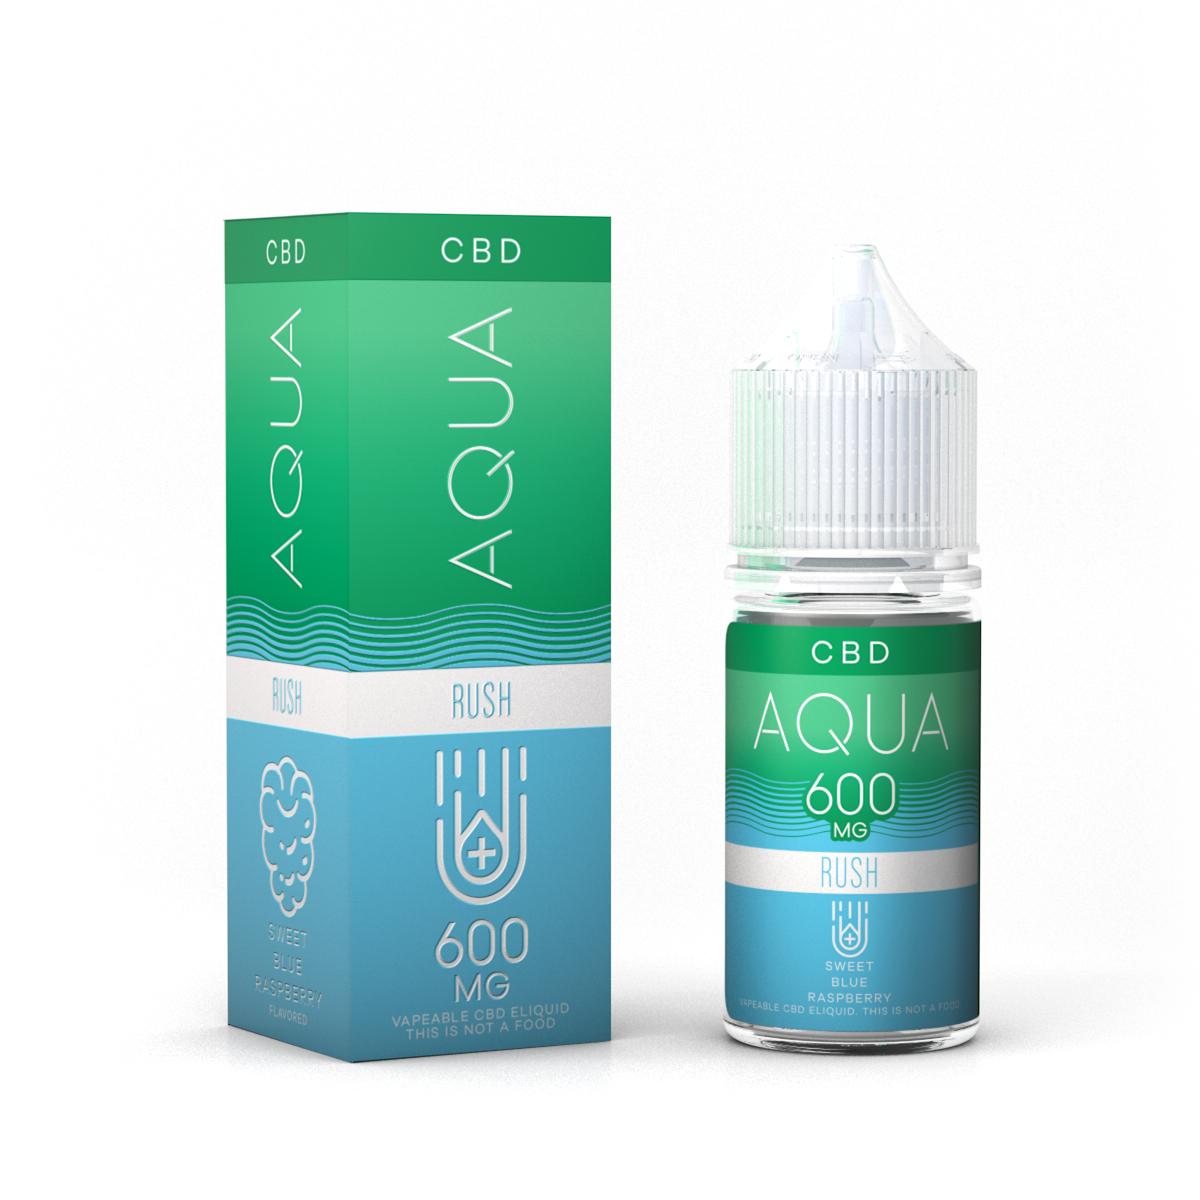 Aqua-CBD-600mg-Rush.jpg